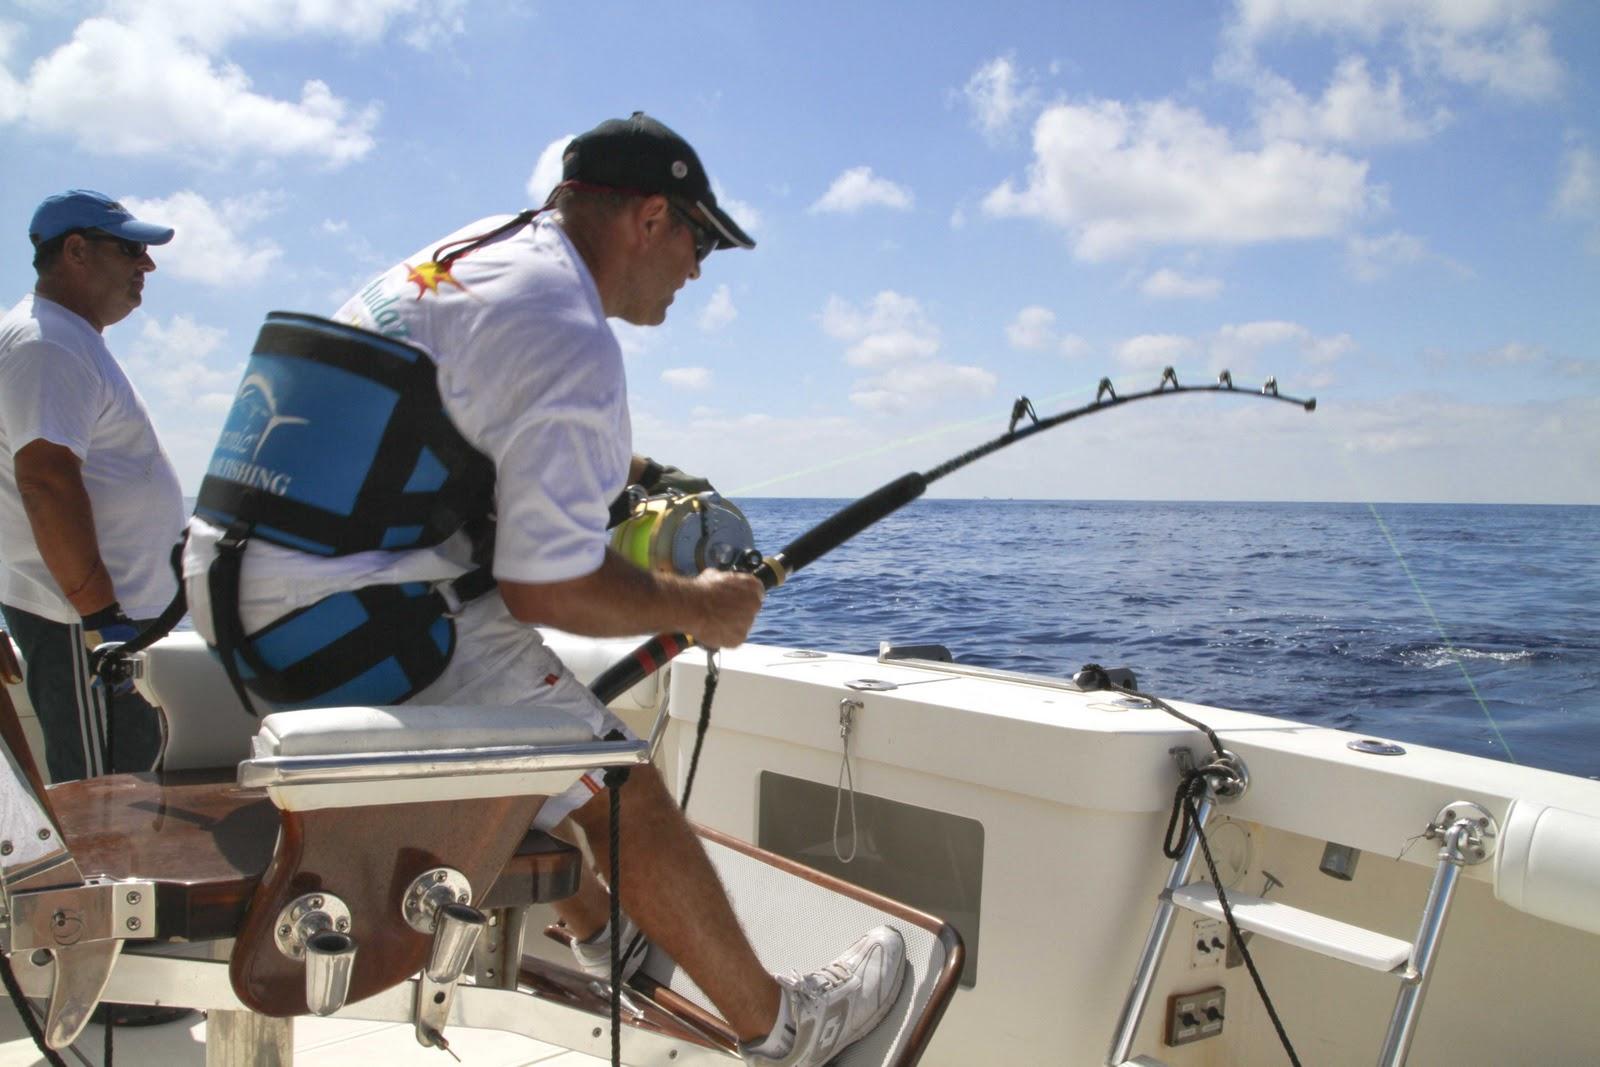 Oliver el pescador dominicano equipo para pescar el marlin - Silla de pescar ...